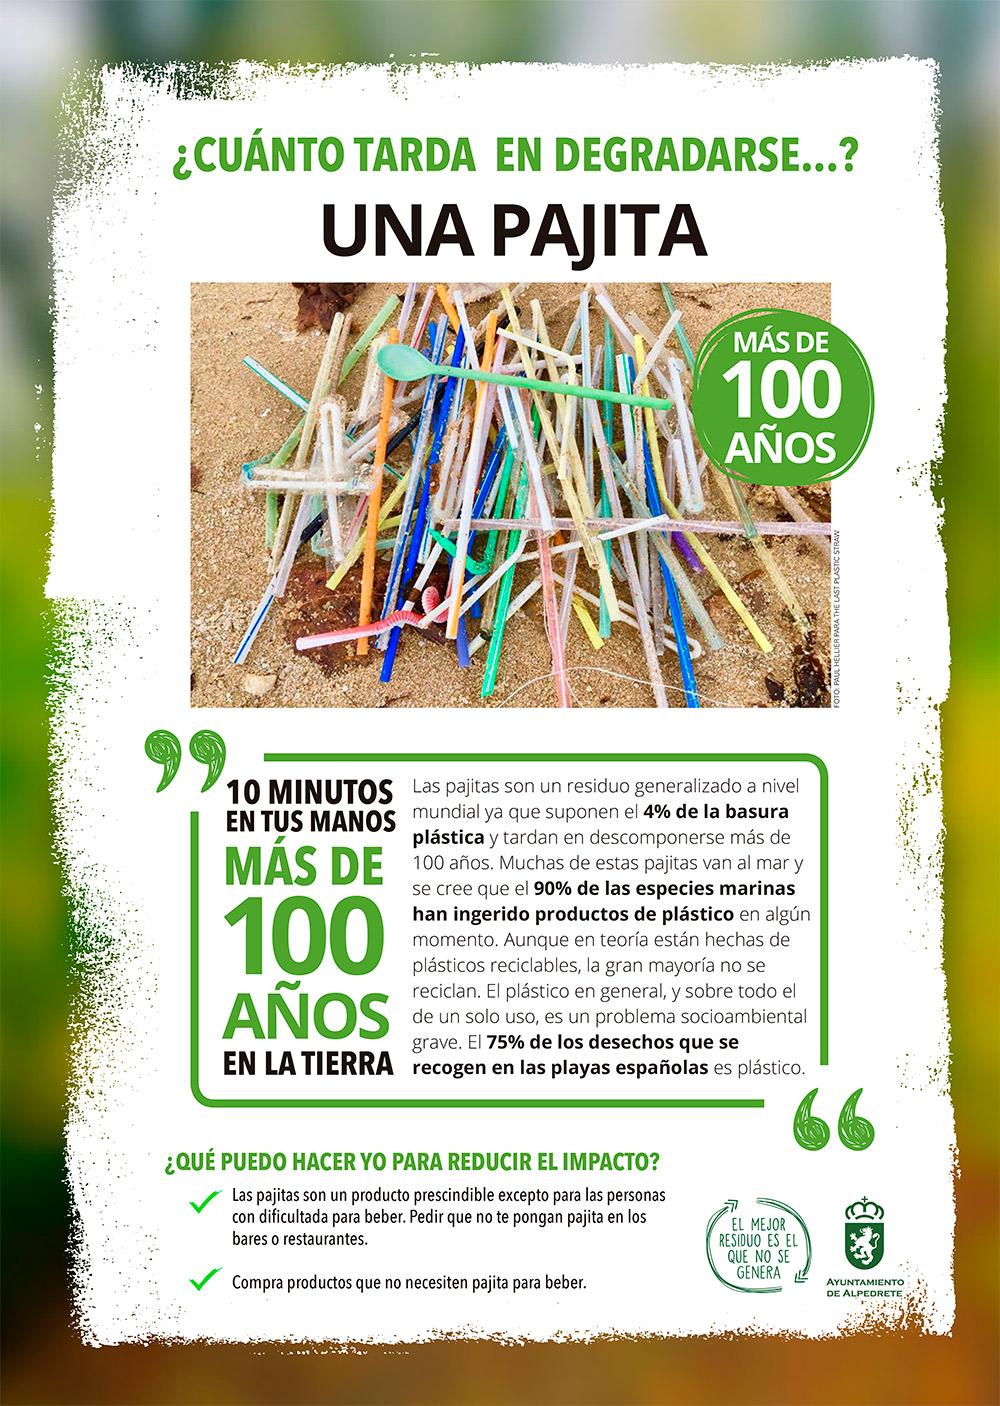 1 Pajita Tarda En Degradarse Más De 100 Años Web Ayuntamiento De Alpedrete